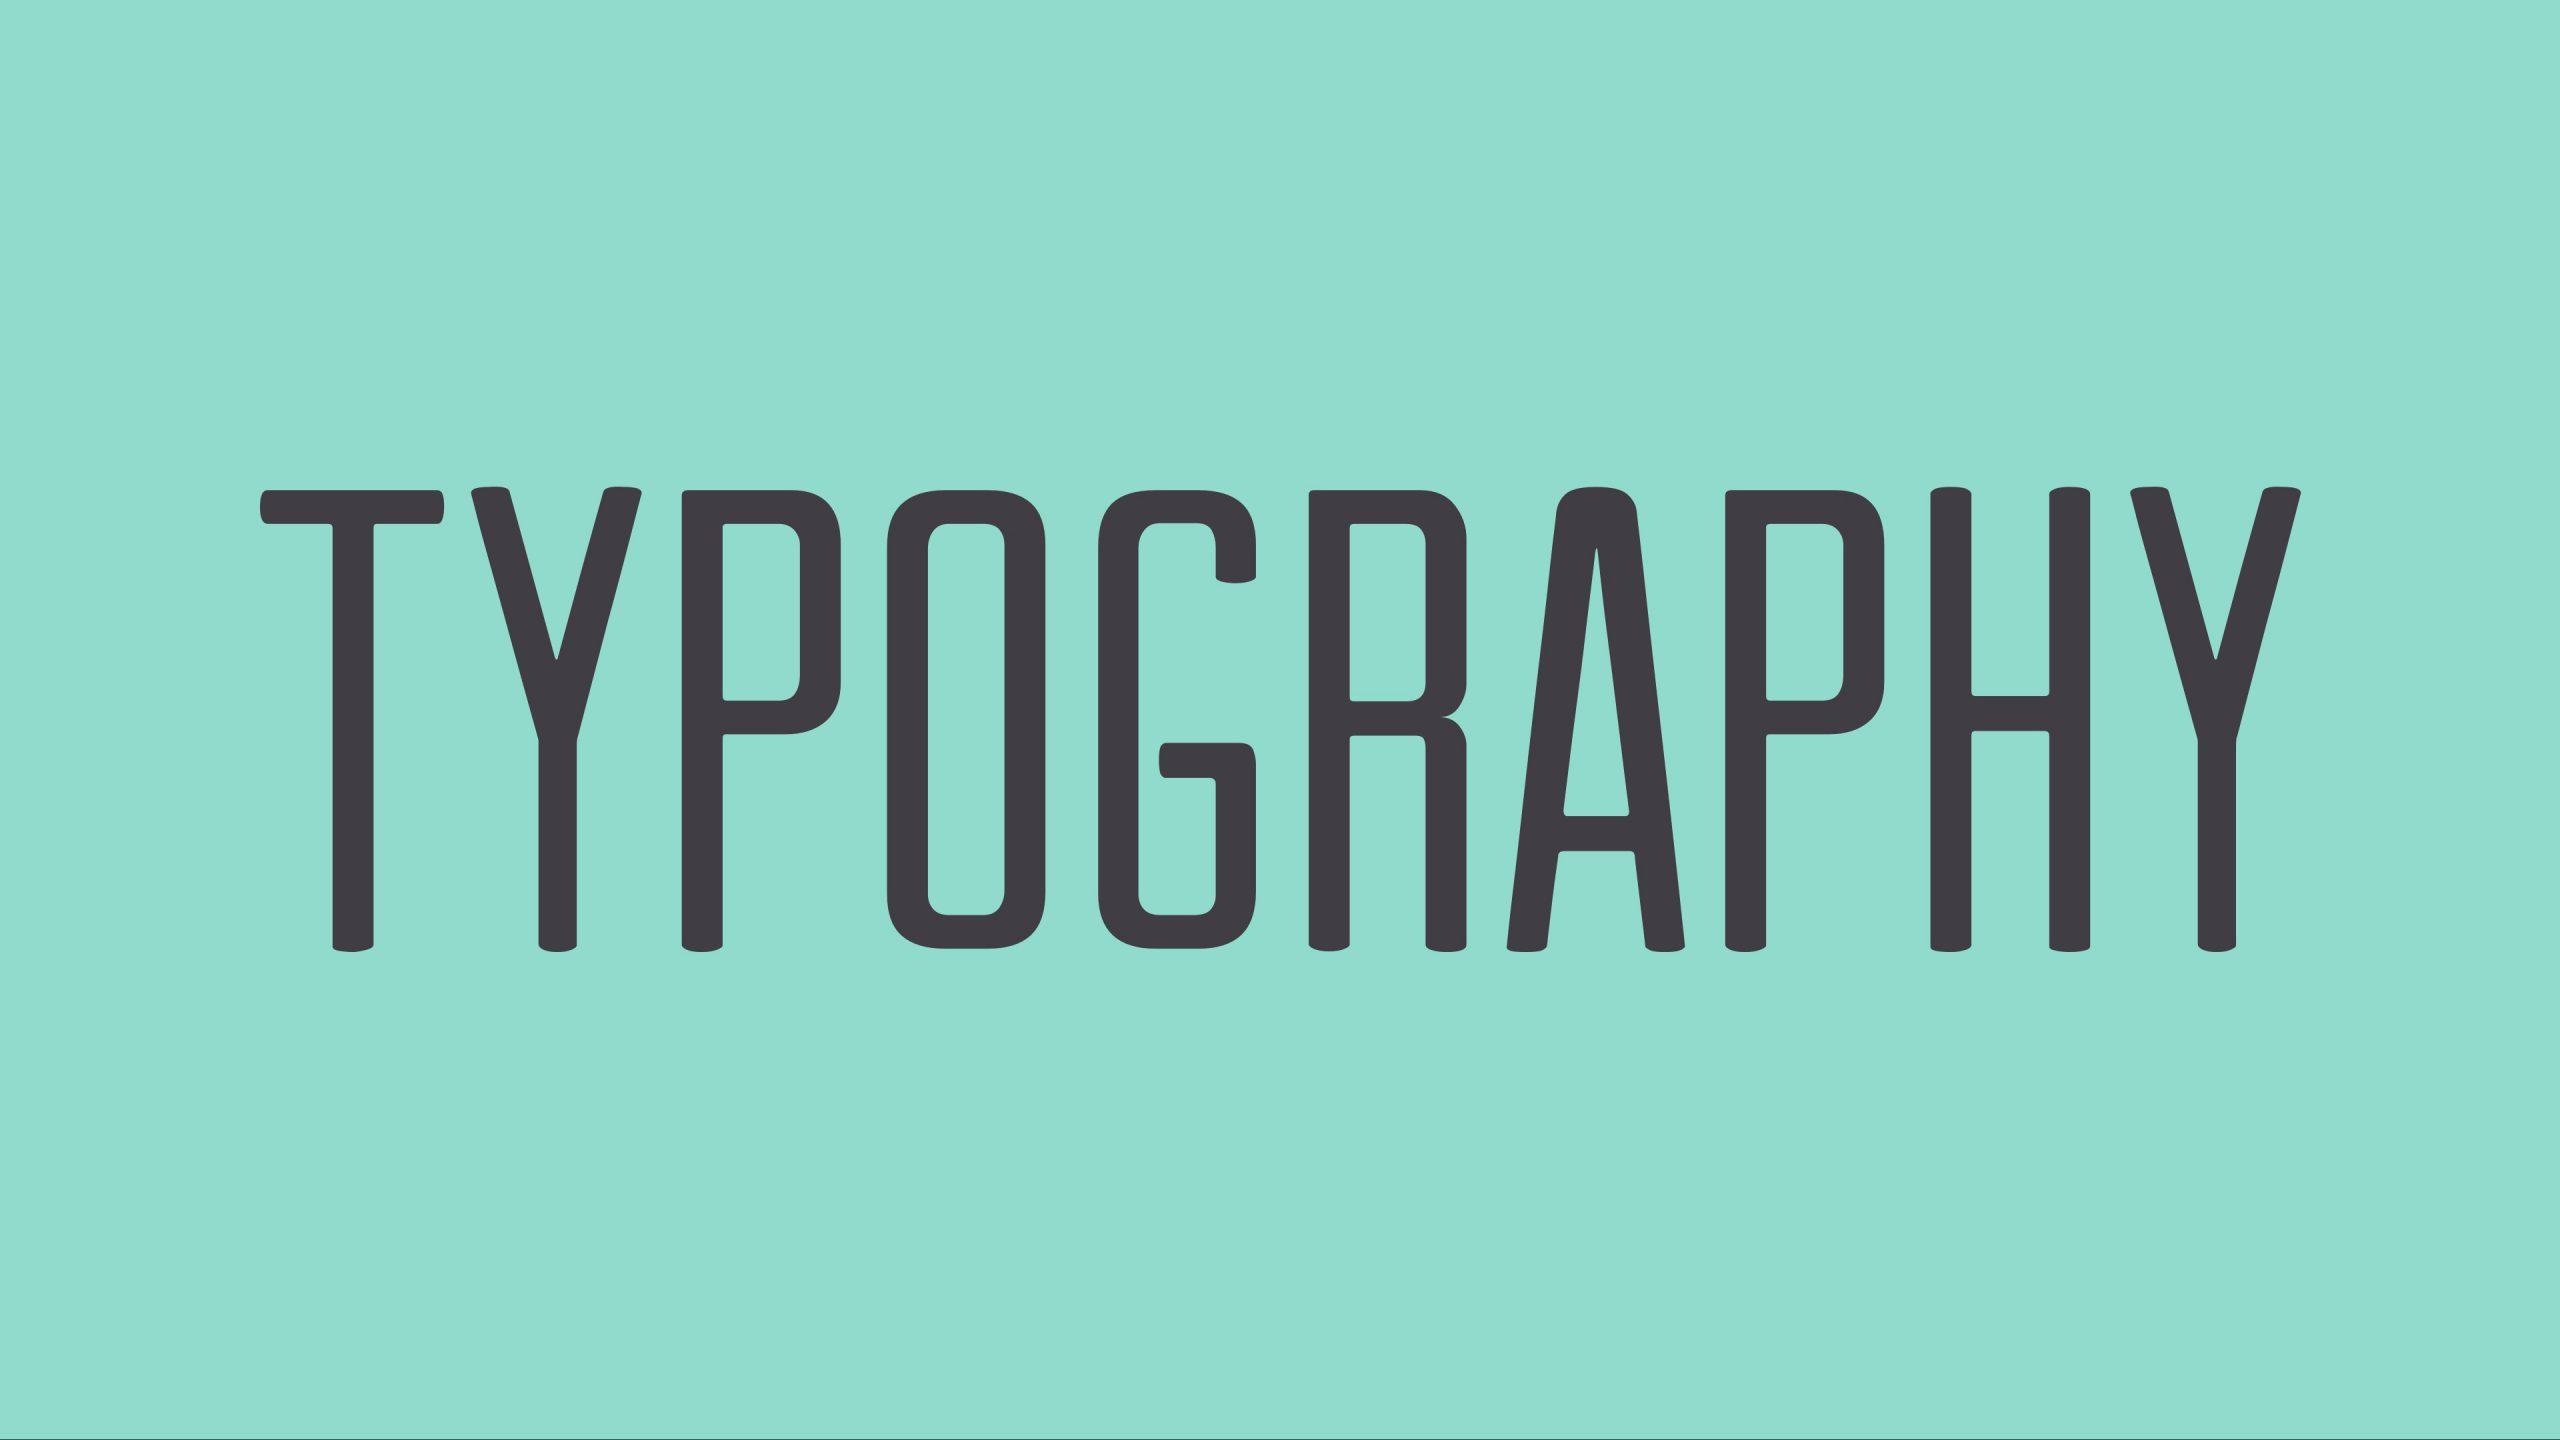 Typography là gì? Cách thiết kế typography đơn giản - WEBICO BLOG